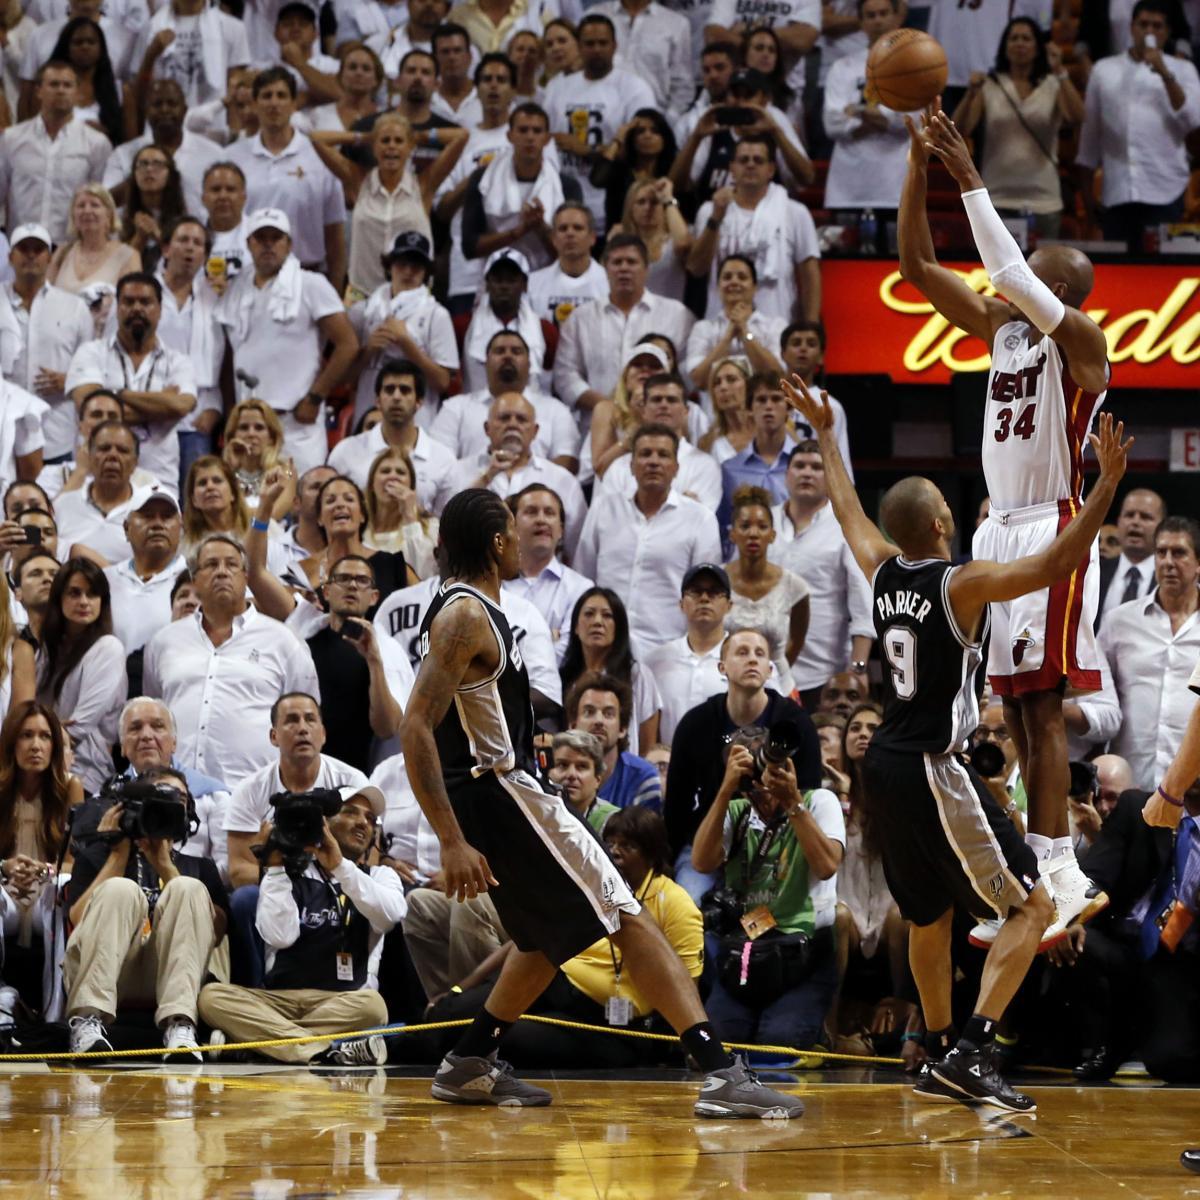 Heat Vs Spurs NBA Finals Game 6: Live Score, Highlights